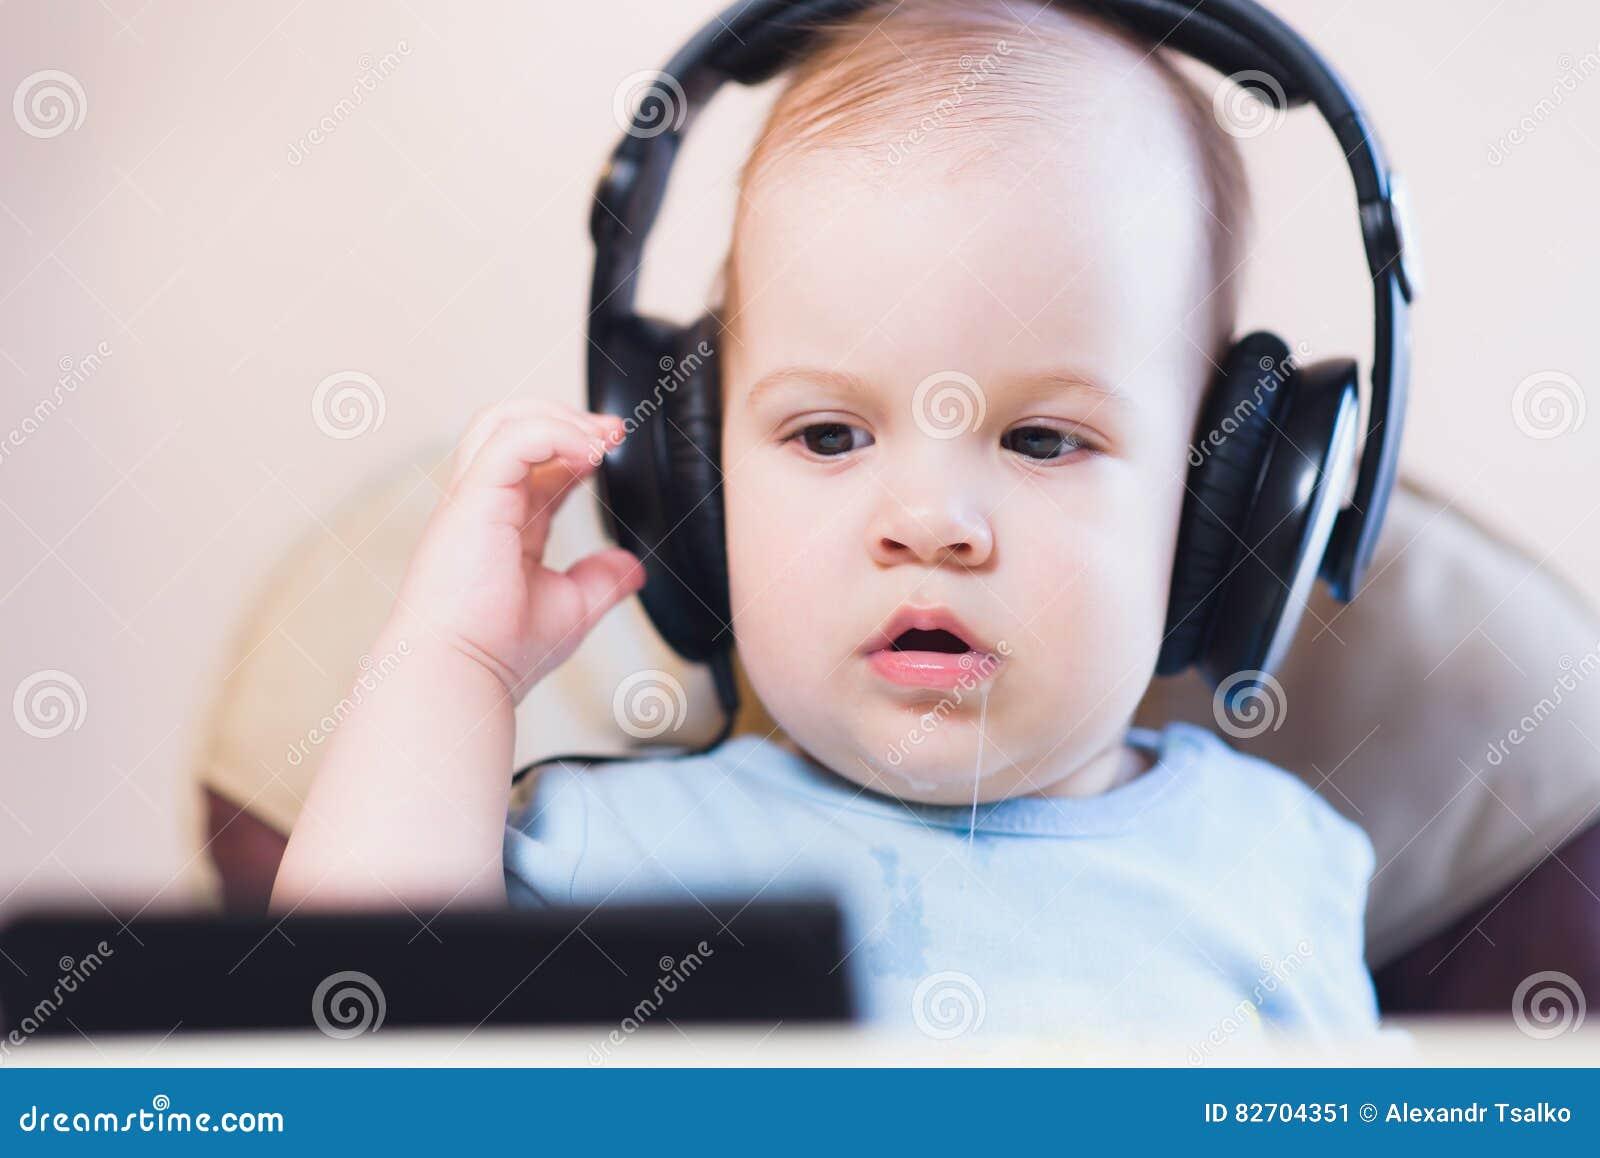 Małe dziecko ogląda kreskówkę na telefonie